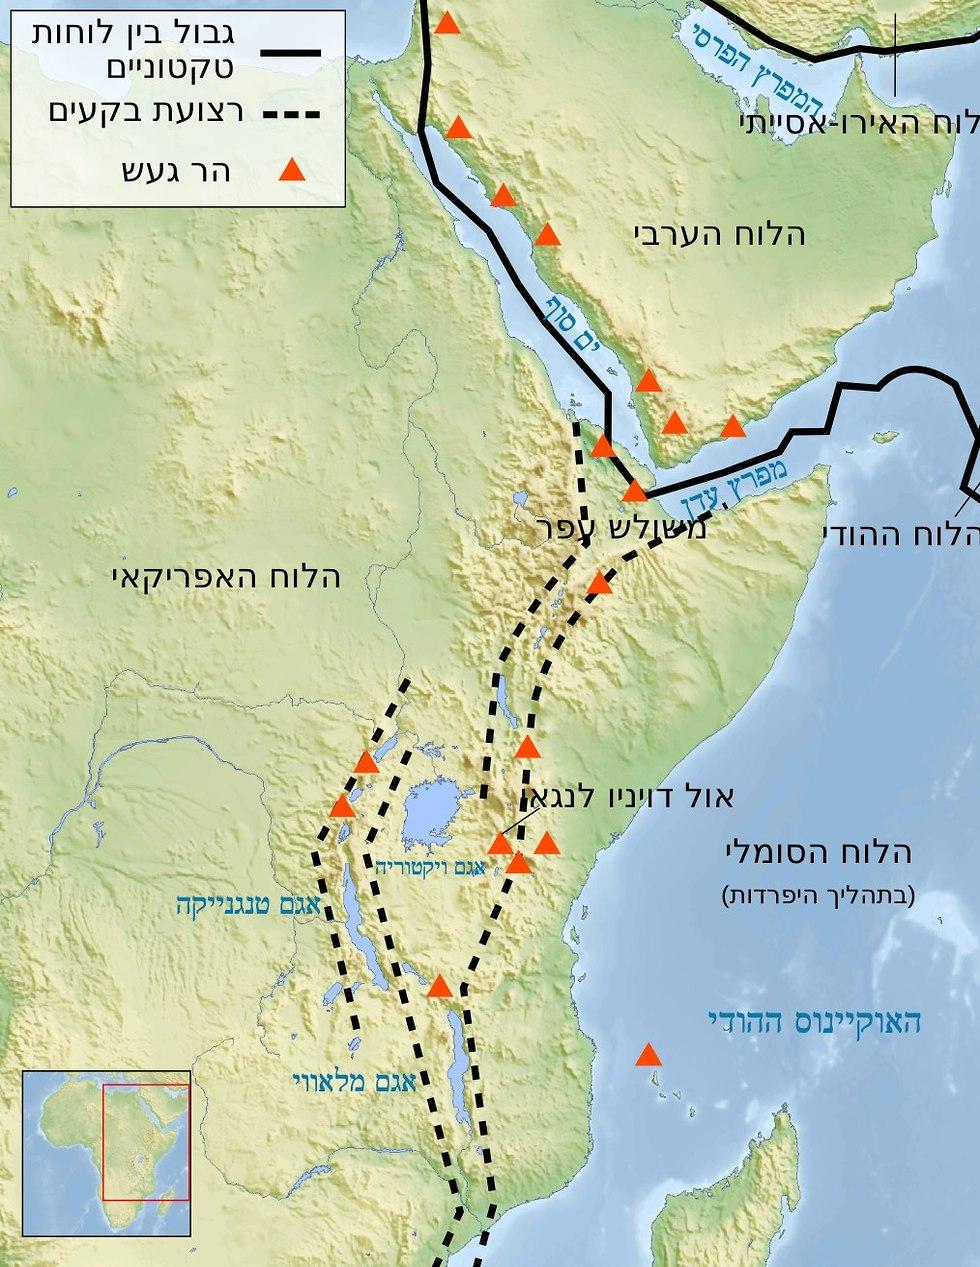 מפה של אזור משולש אפאר (מתוך ויקיפדיה, Sémhur. תרגם: NordNordWest)